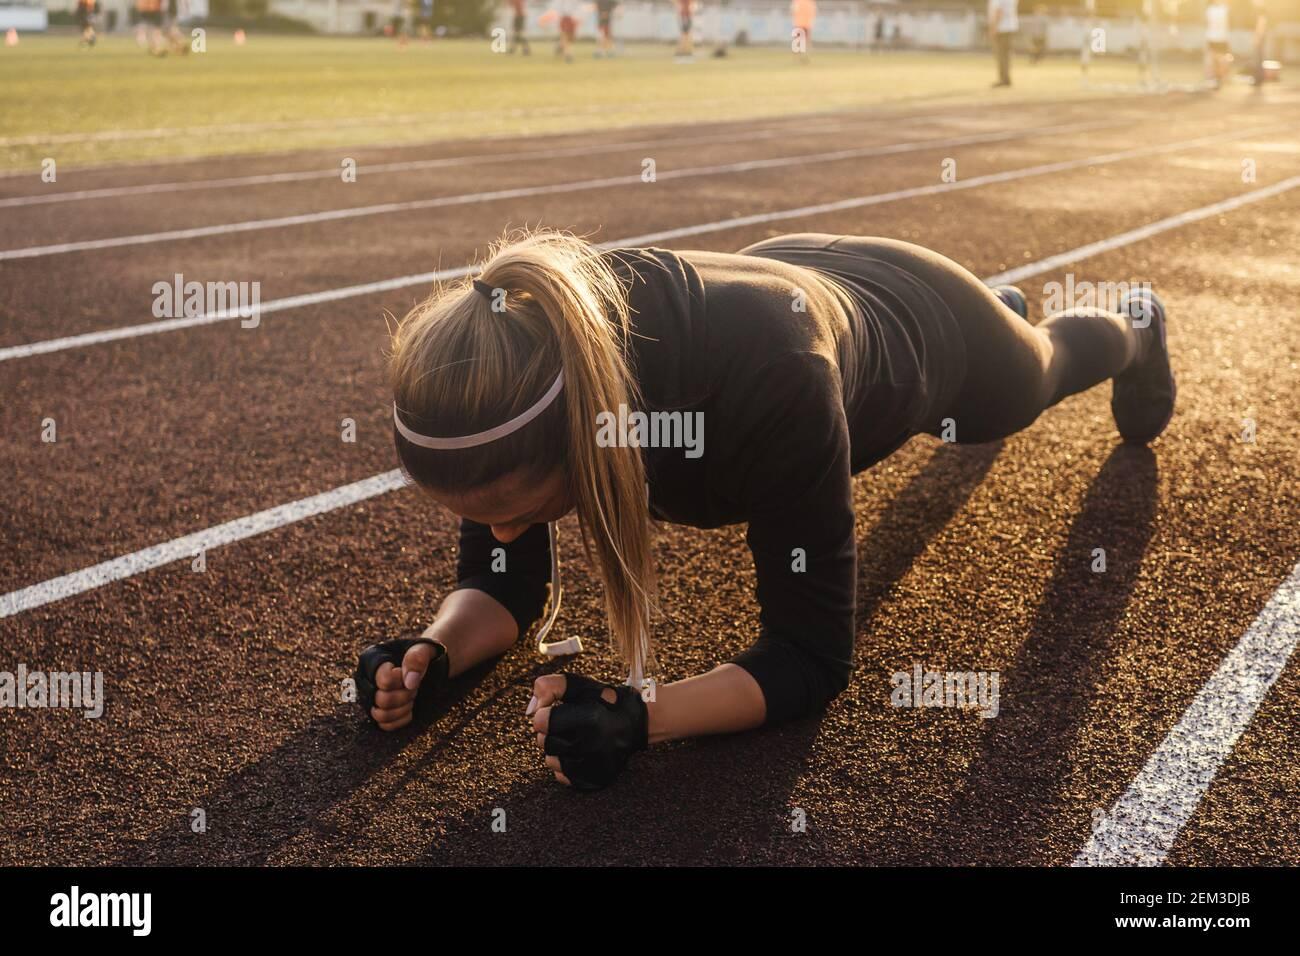 Joven mujer atlética haciendo ejercicio de tabla en pista de correr. Luz de puesta de sol sobre fondo, hermosa perspectiva. Foto de stock